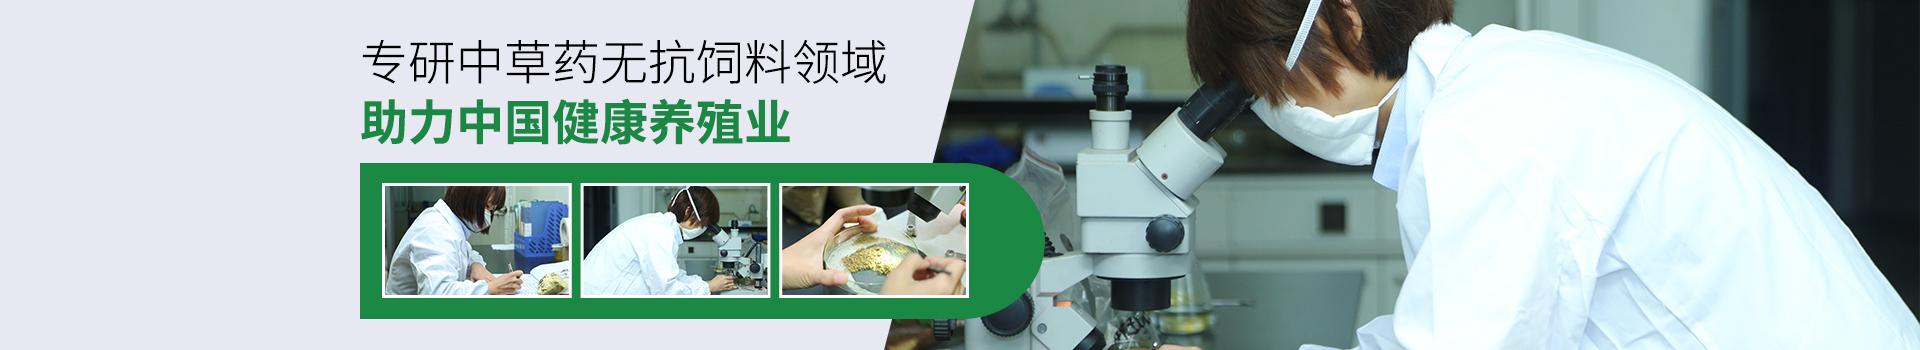 快大-专研中草药无抗饲料领域 助力中国健康养殖业